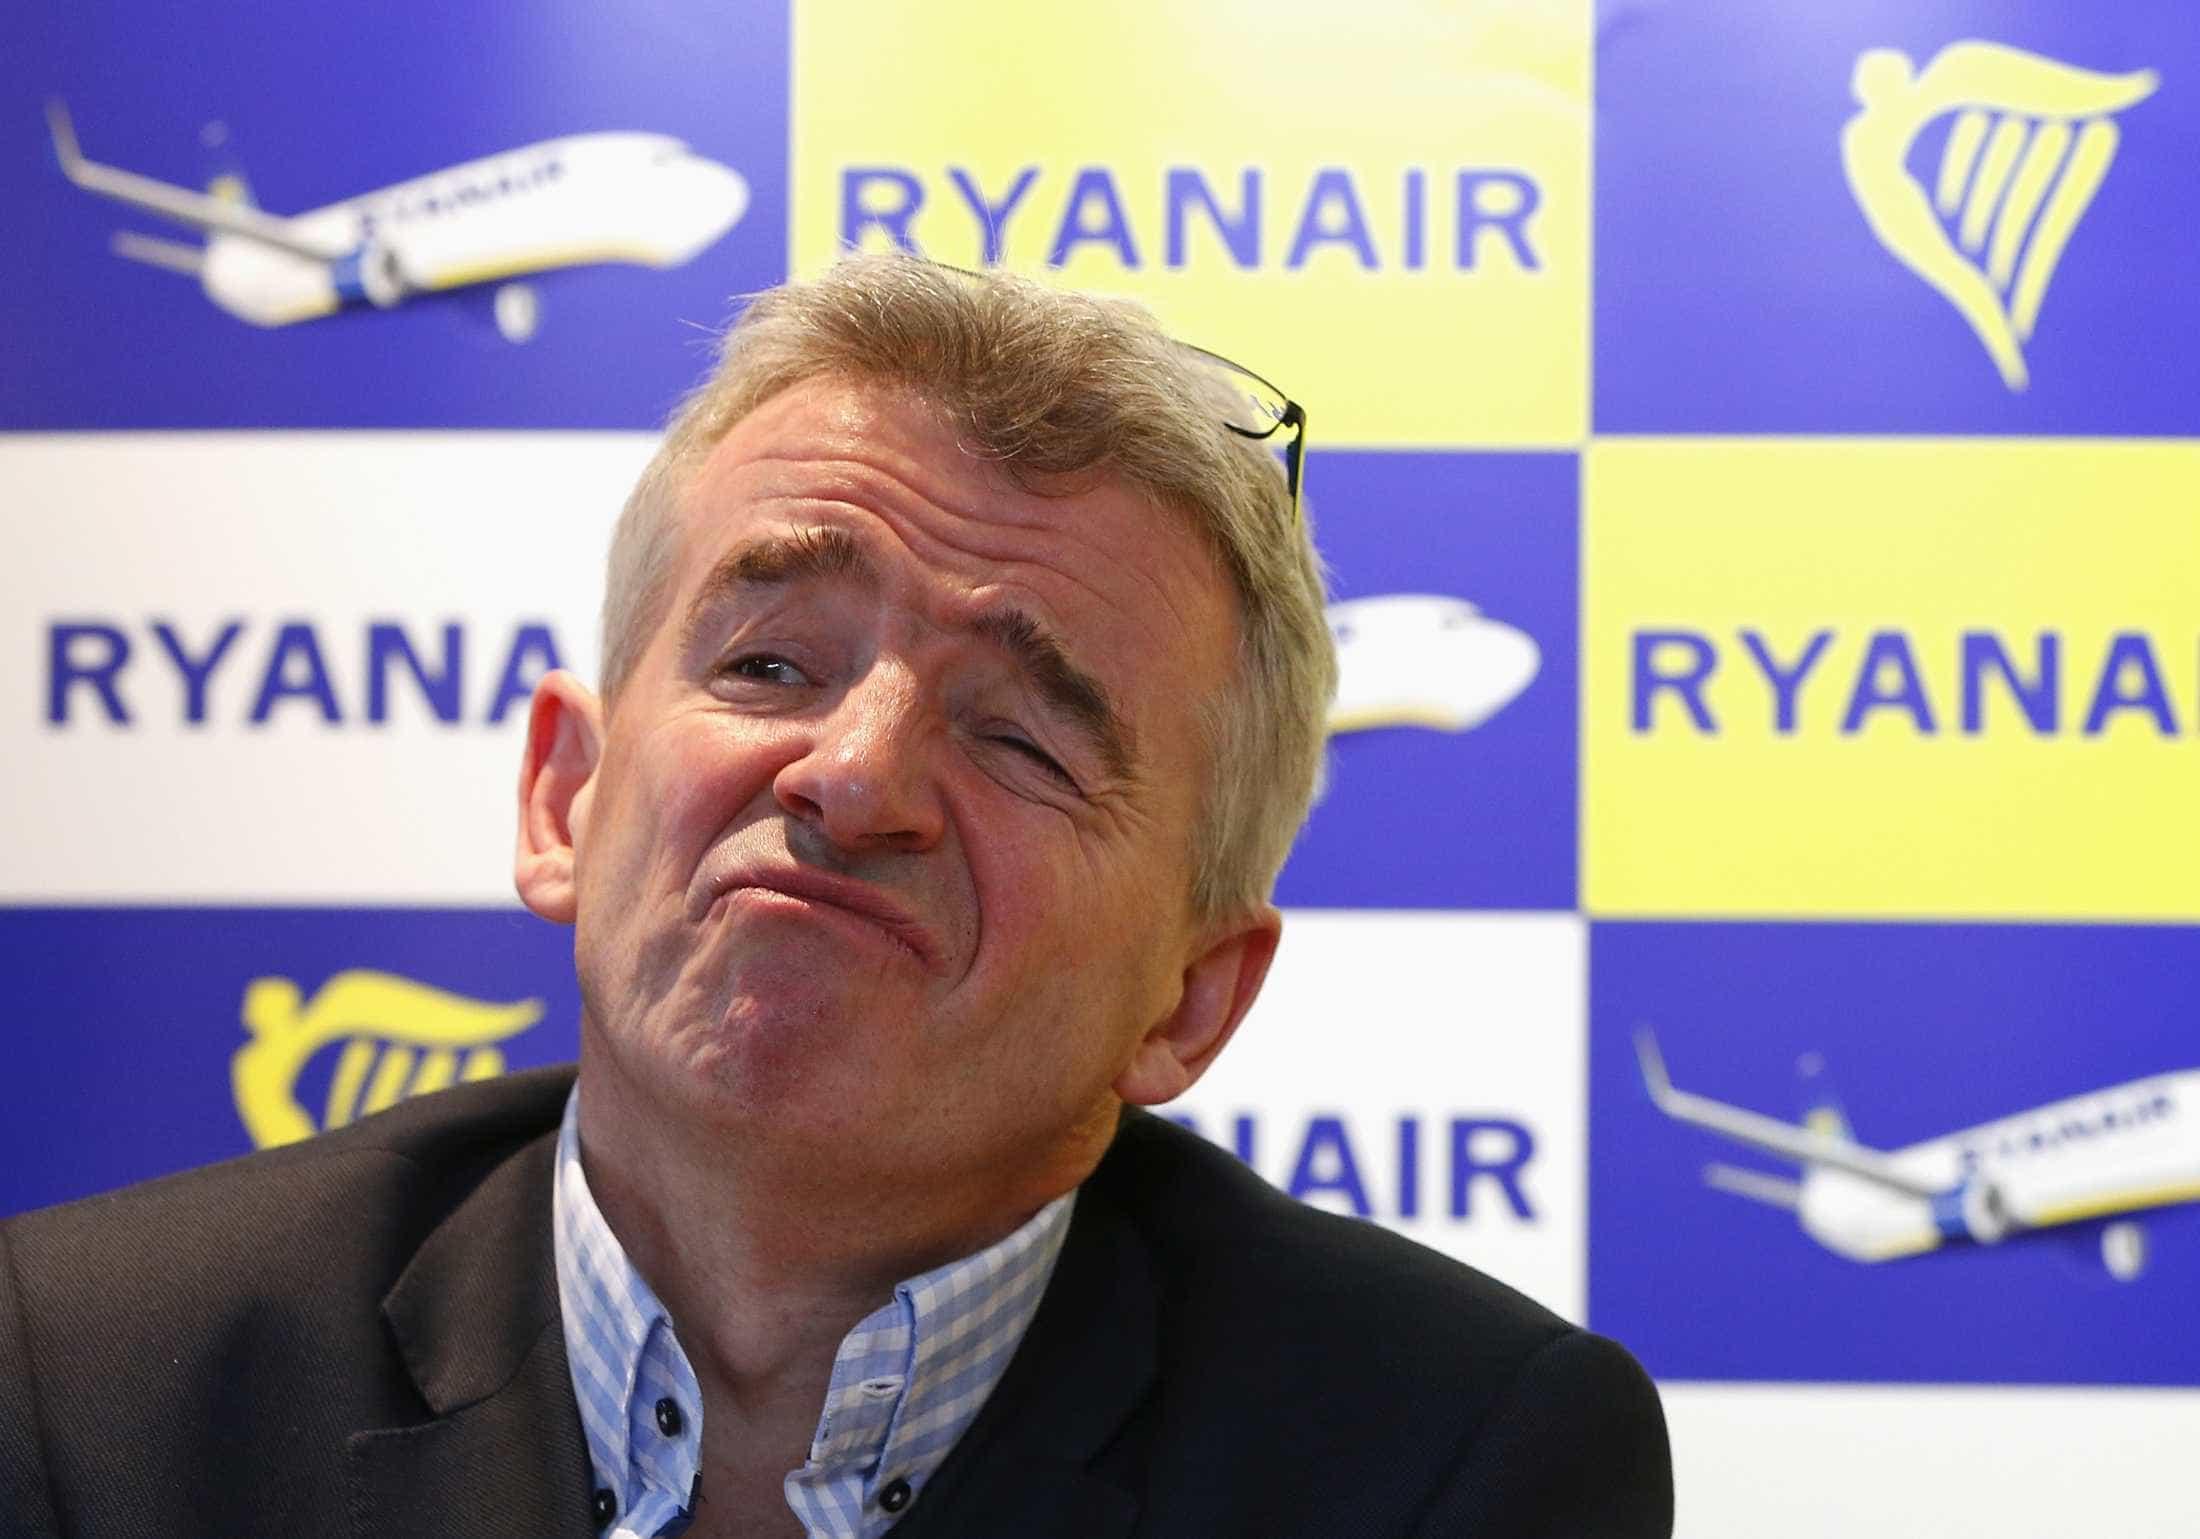 """Presidente da Ryanair recusou falar ao Parlamento porque """"não é político"""""""